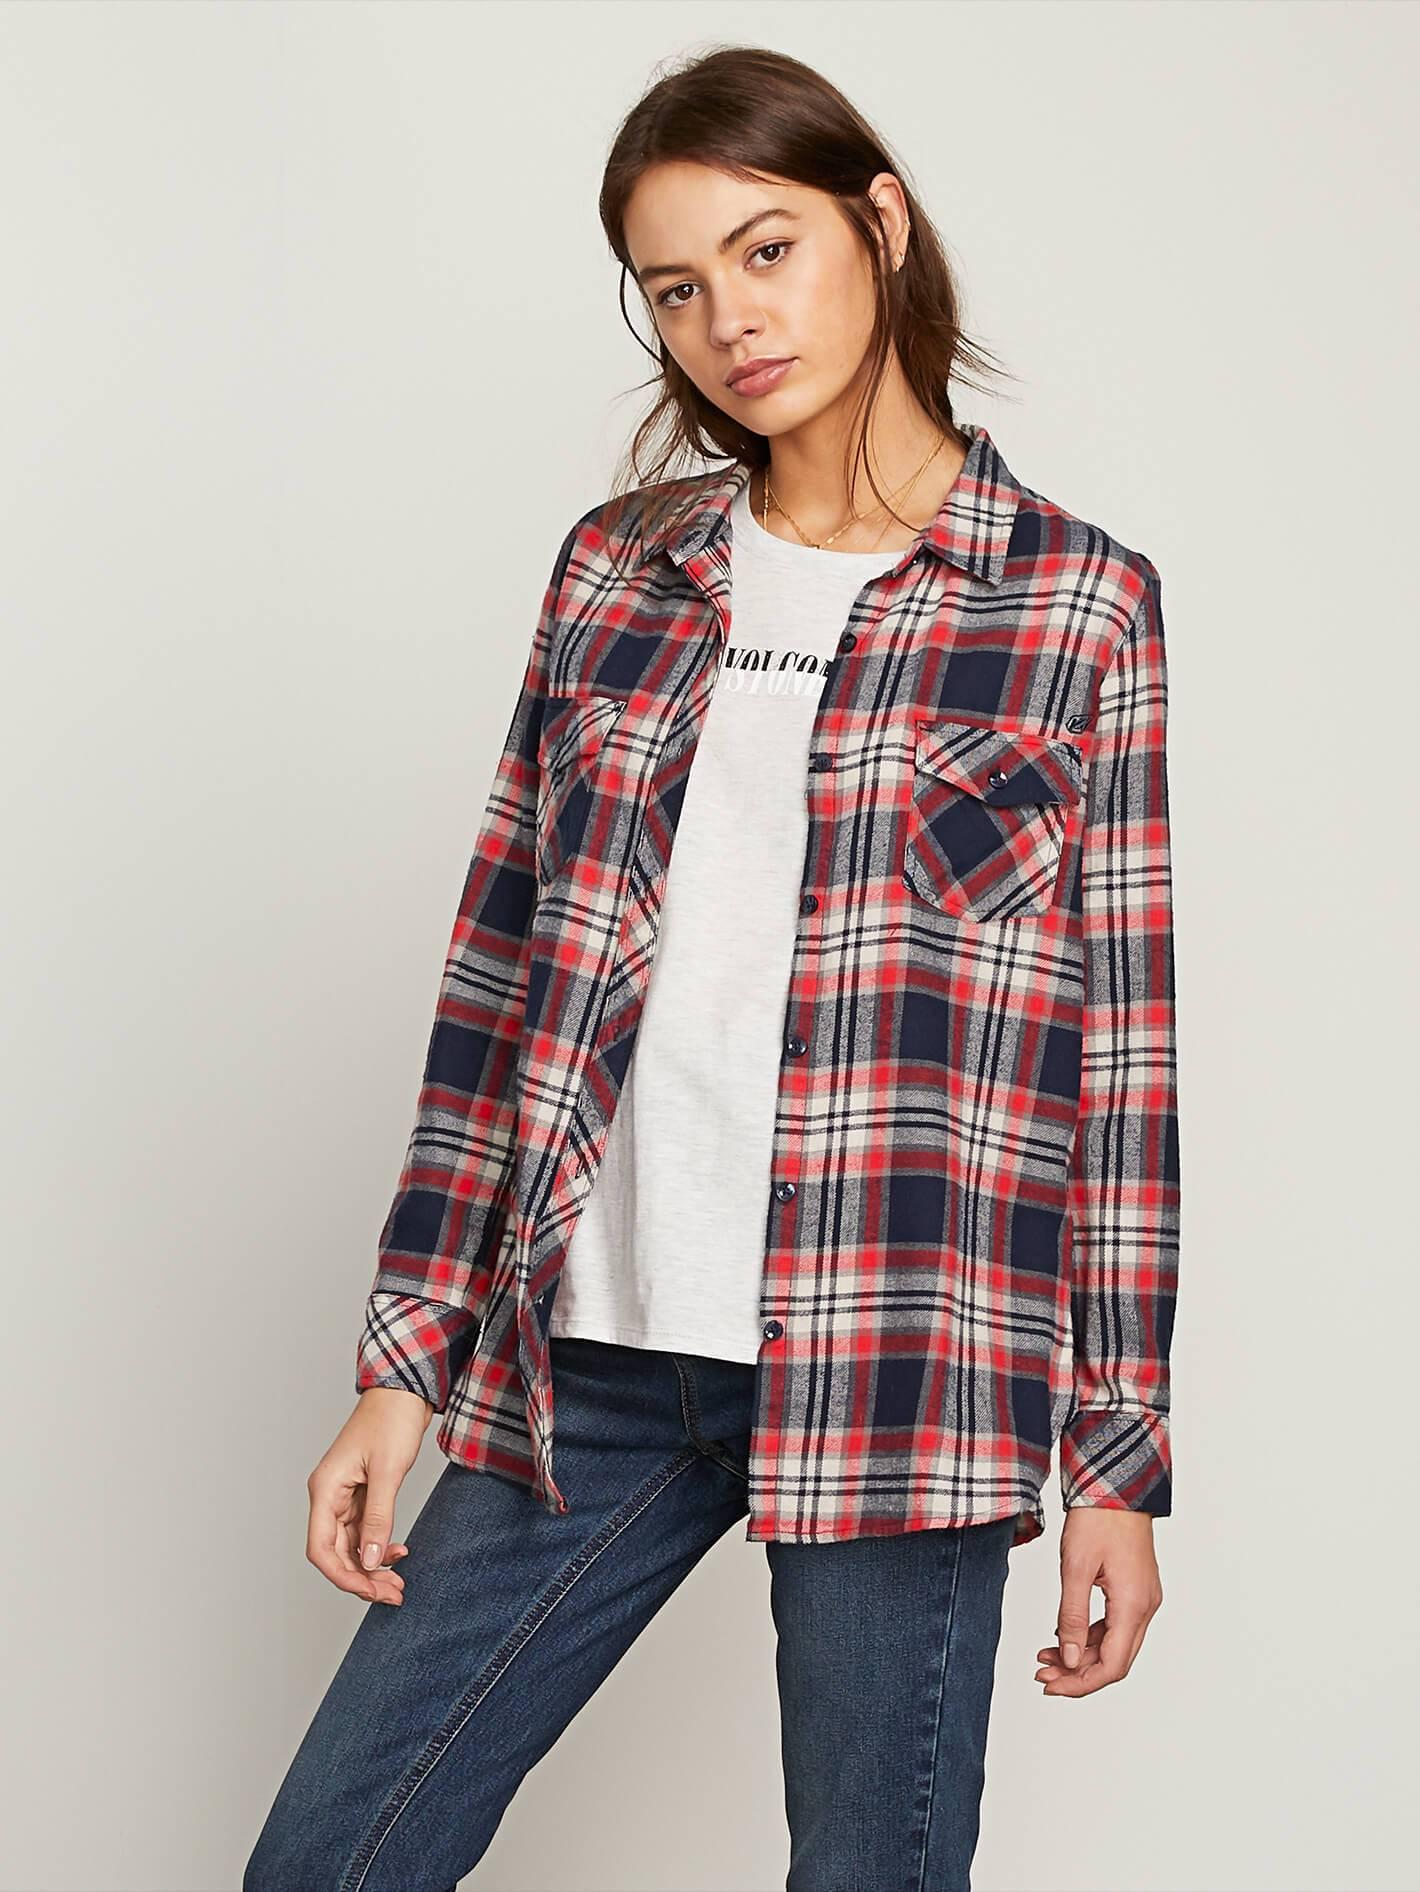 Volcom Womens Getting Rad Plaid Long Sleeve Flannel Shirt